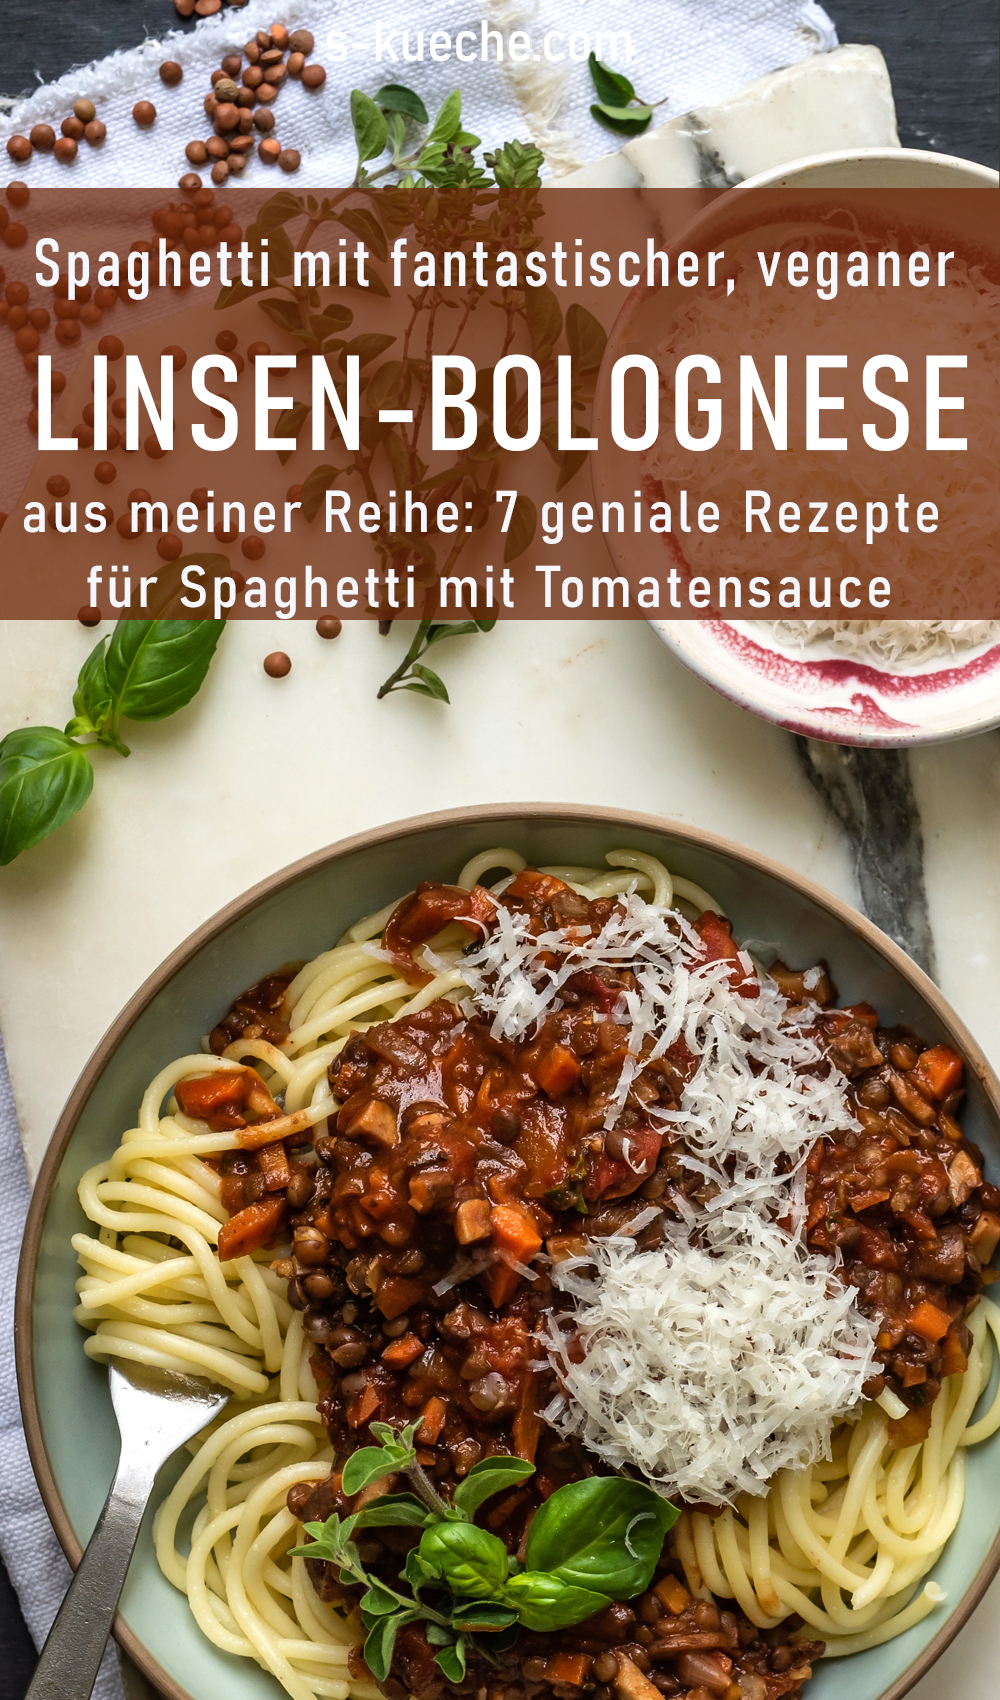 Fantastische vegane Linsen-Bolognese mit viel Umami